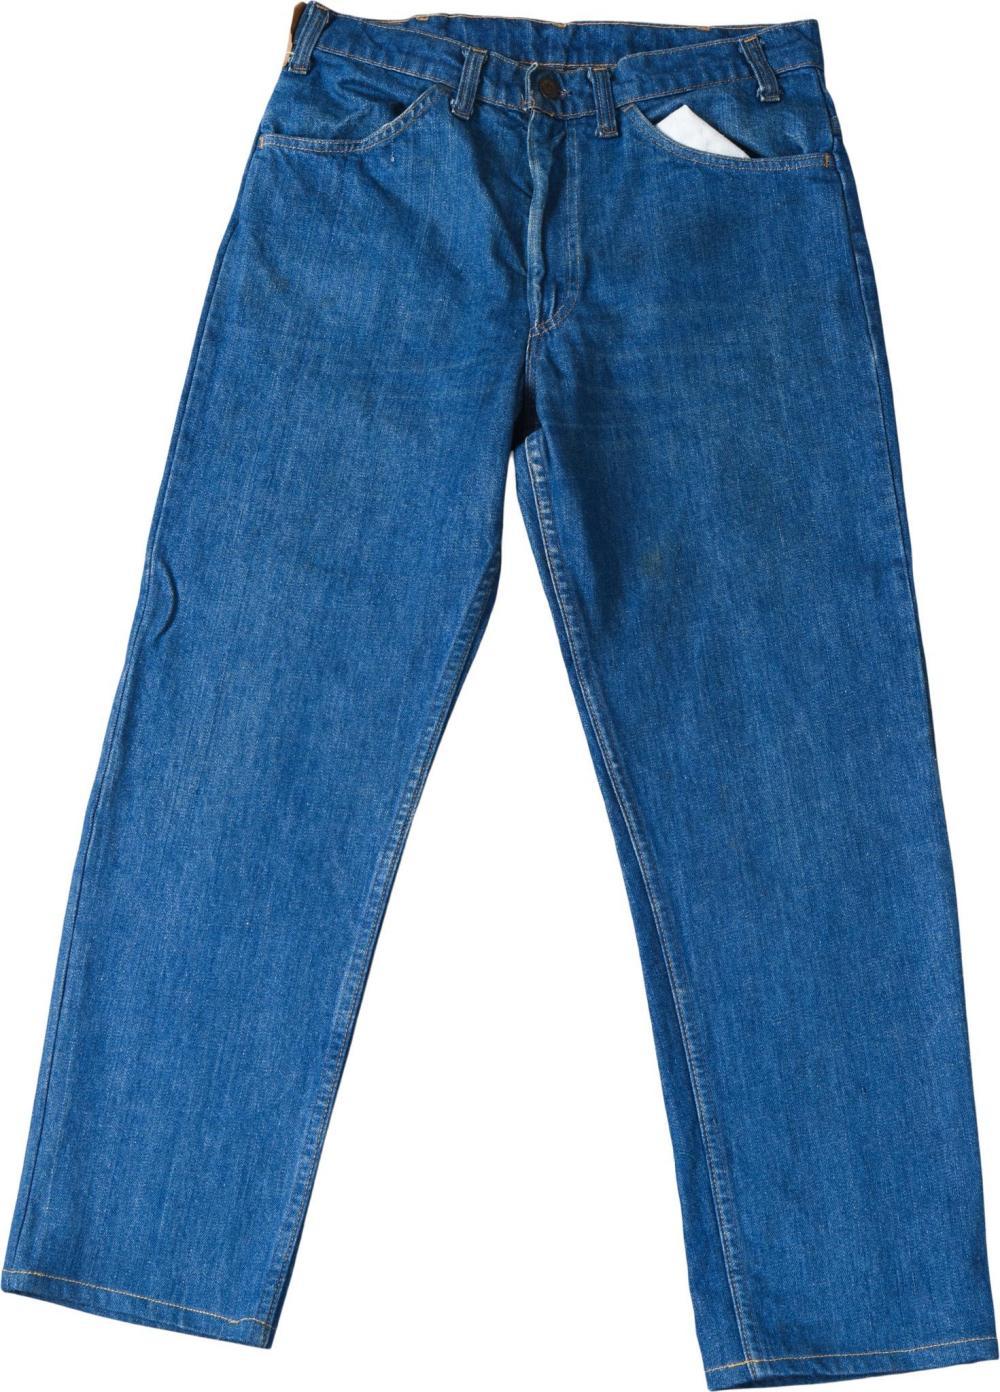 Vintage 1970's Men's Levi 405 Jeans.